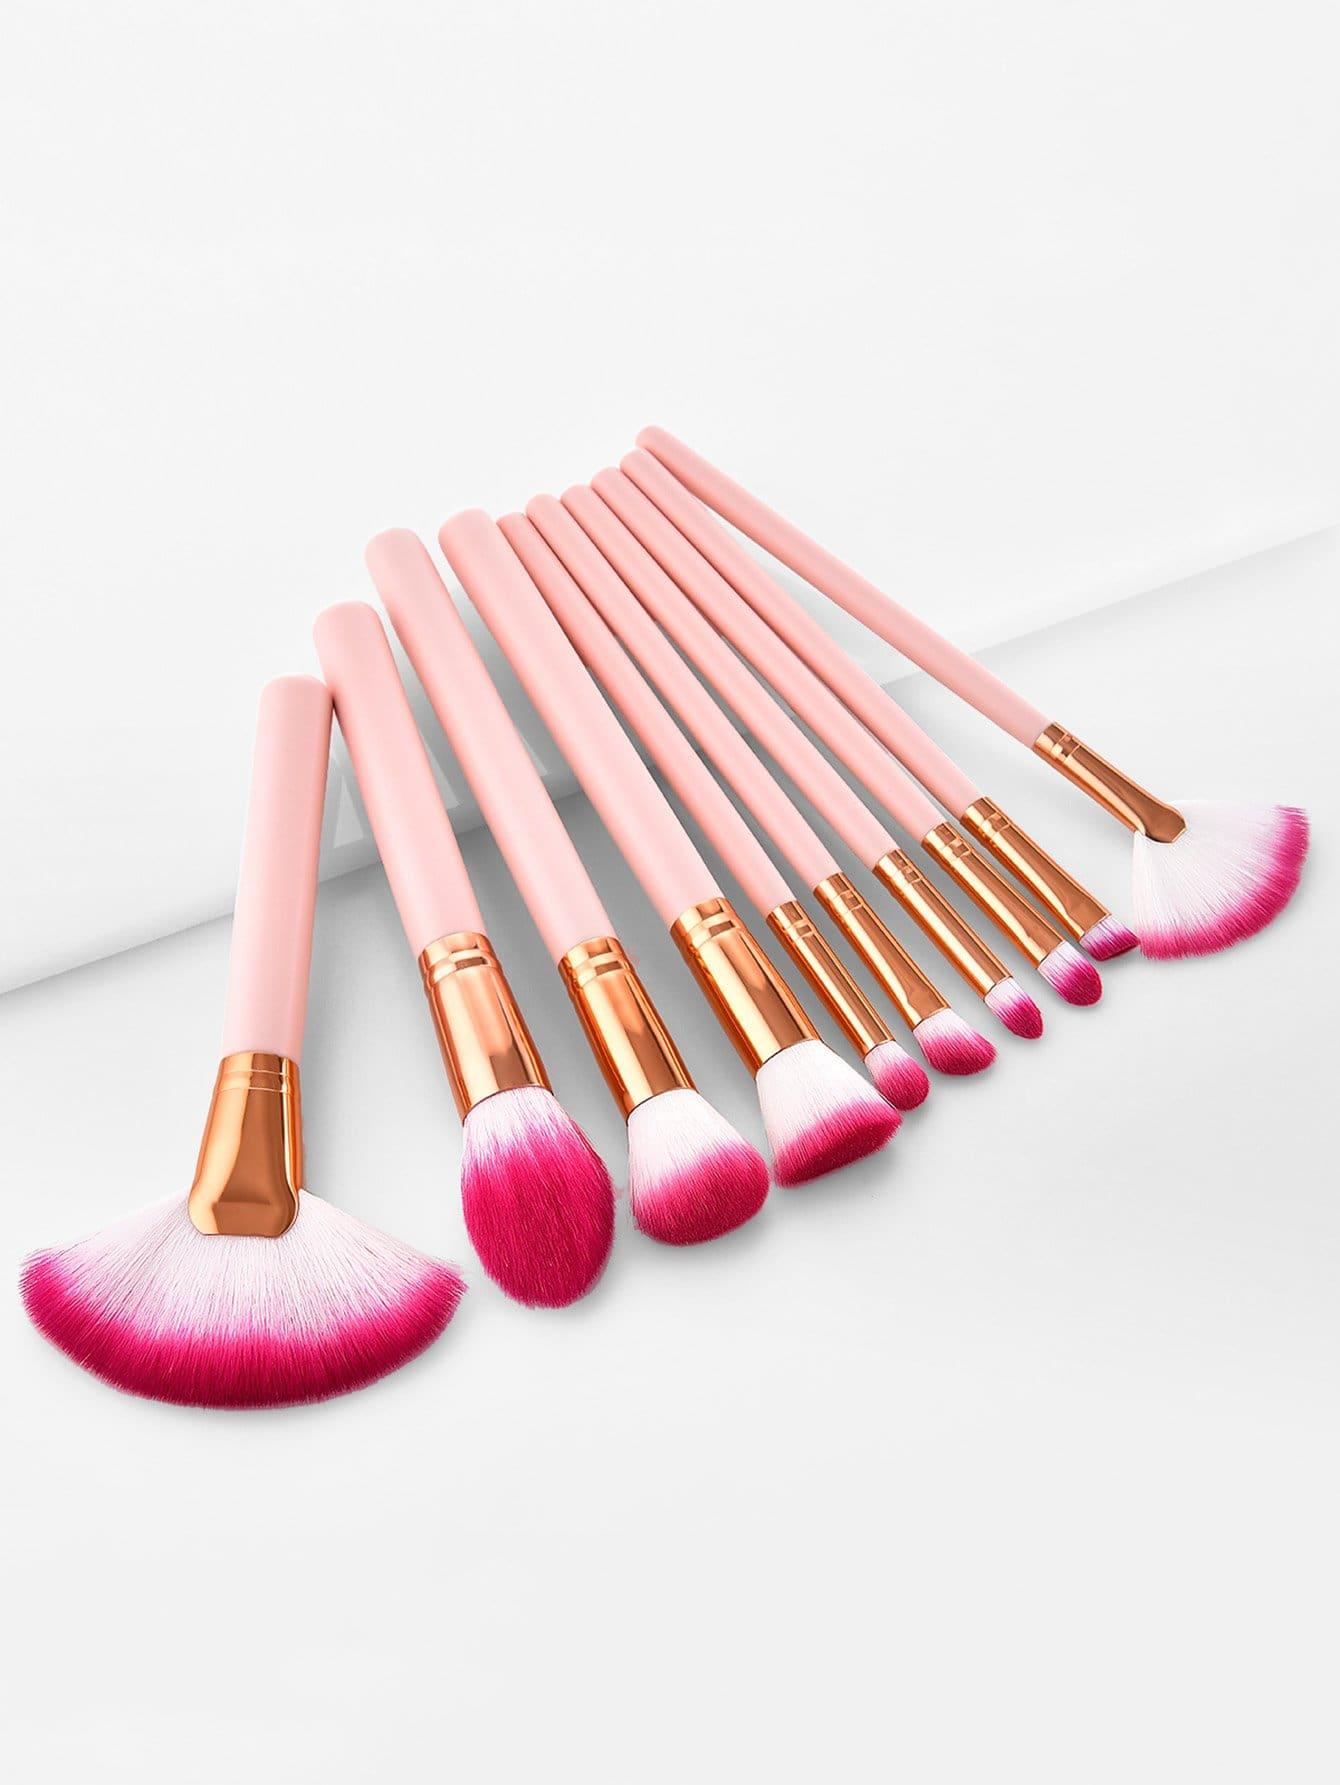 Fan Shaped Makeup Brush 10pcs diamond shaped makeup brush 10pcs